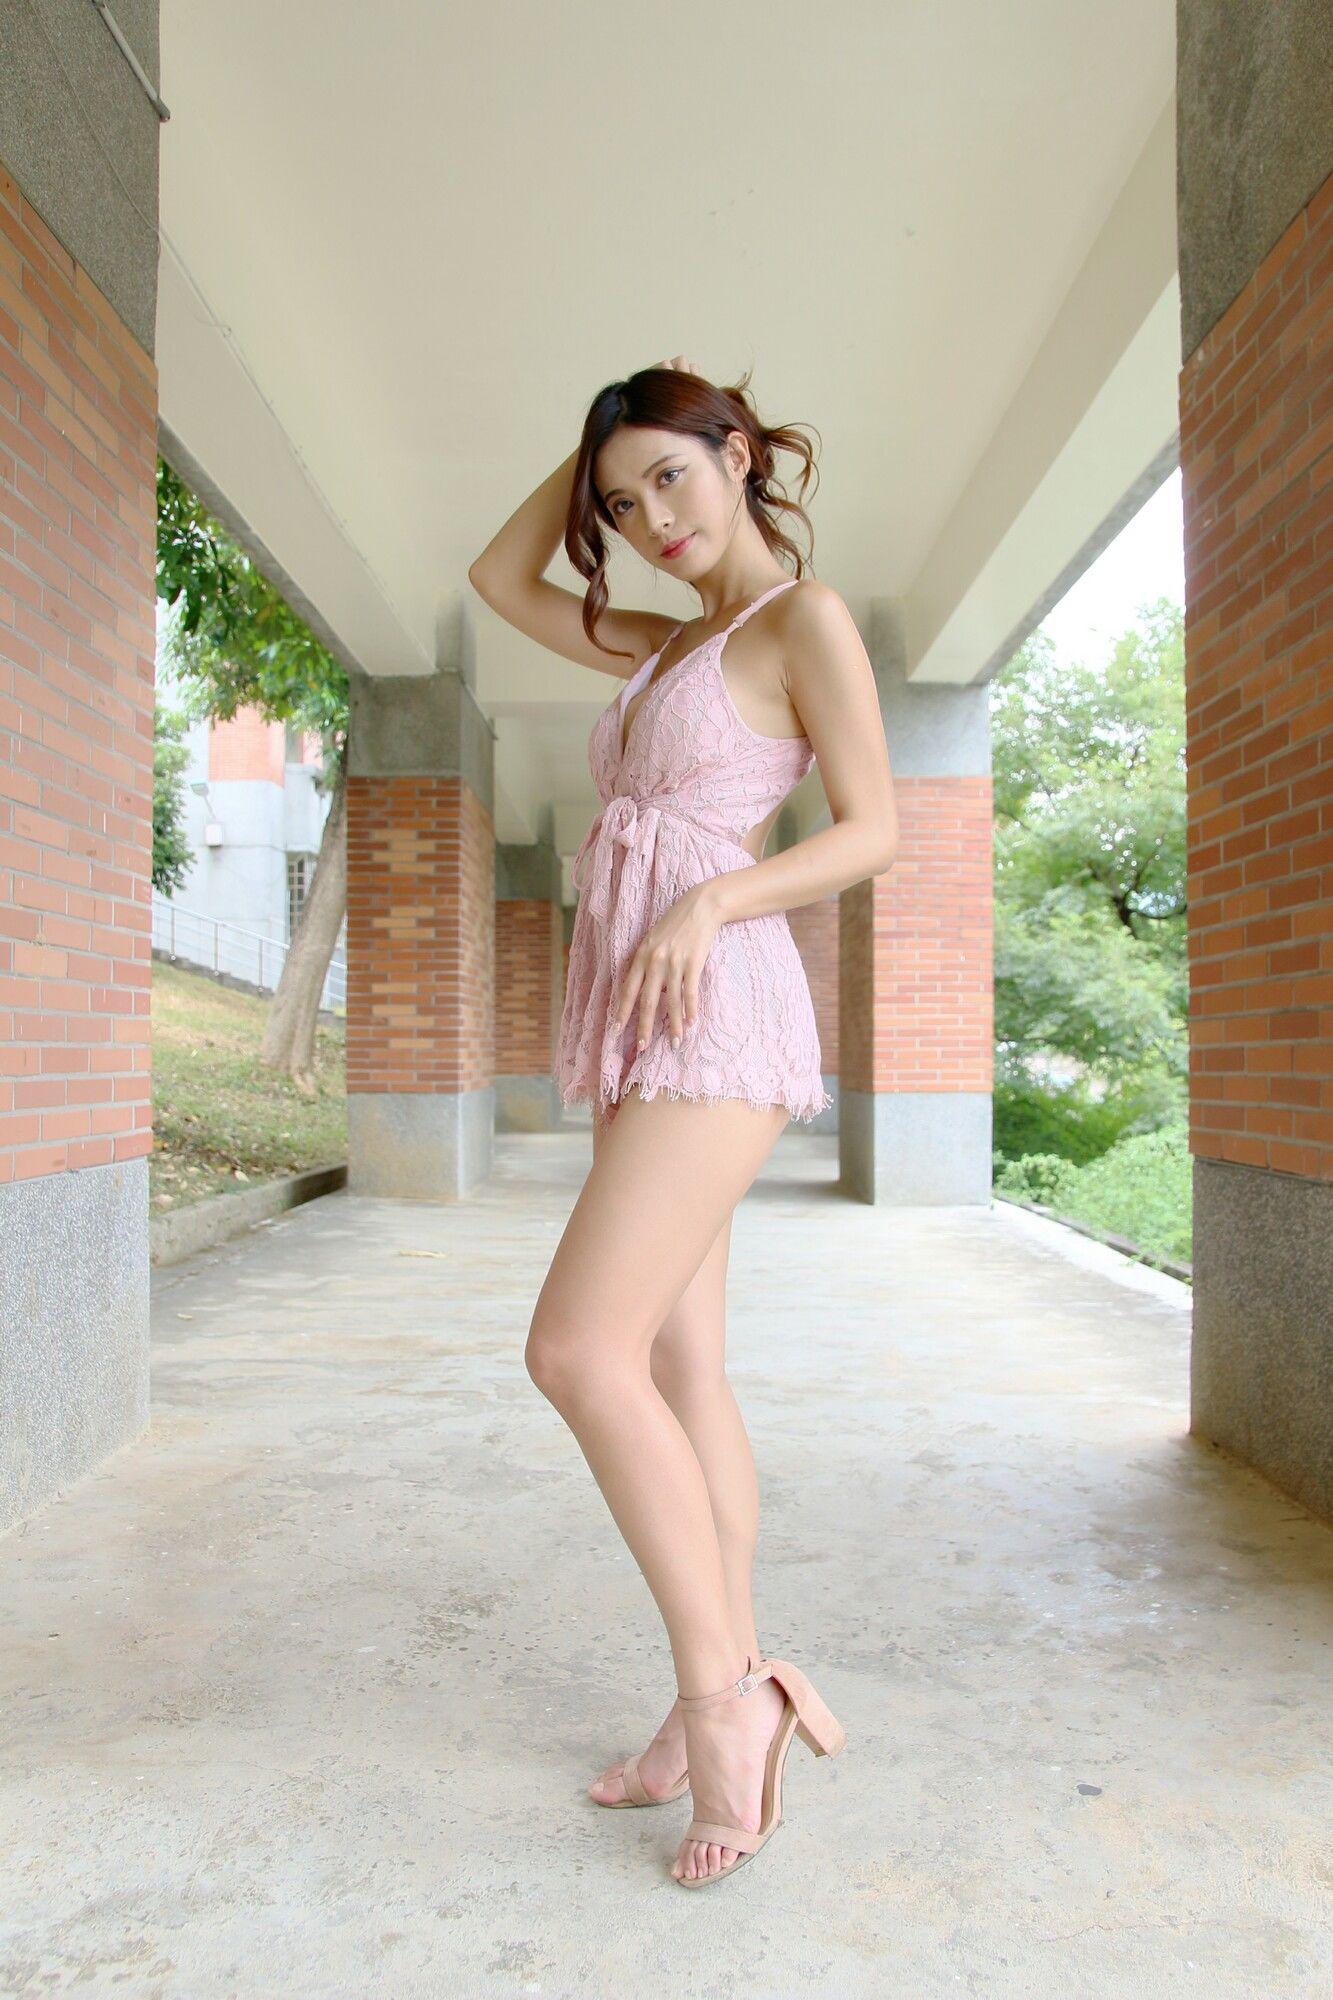 VOL.597 [台湾正妹]御姐轻熟女:黄书庭(黃書庭Vivibabier)超高清个人性感漂亮大图(43P)